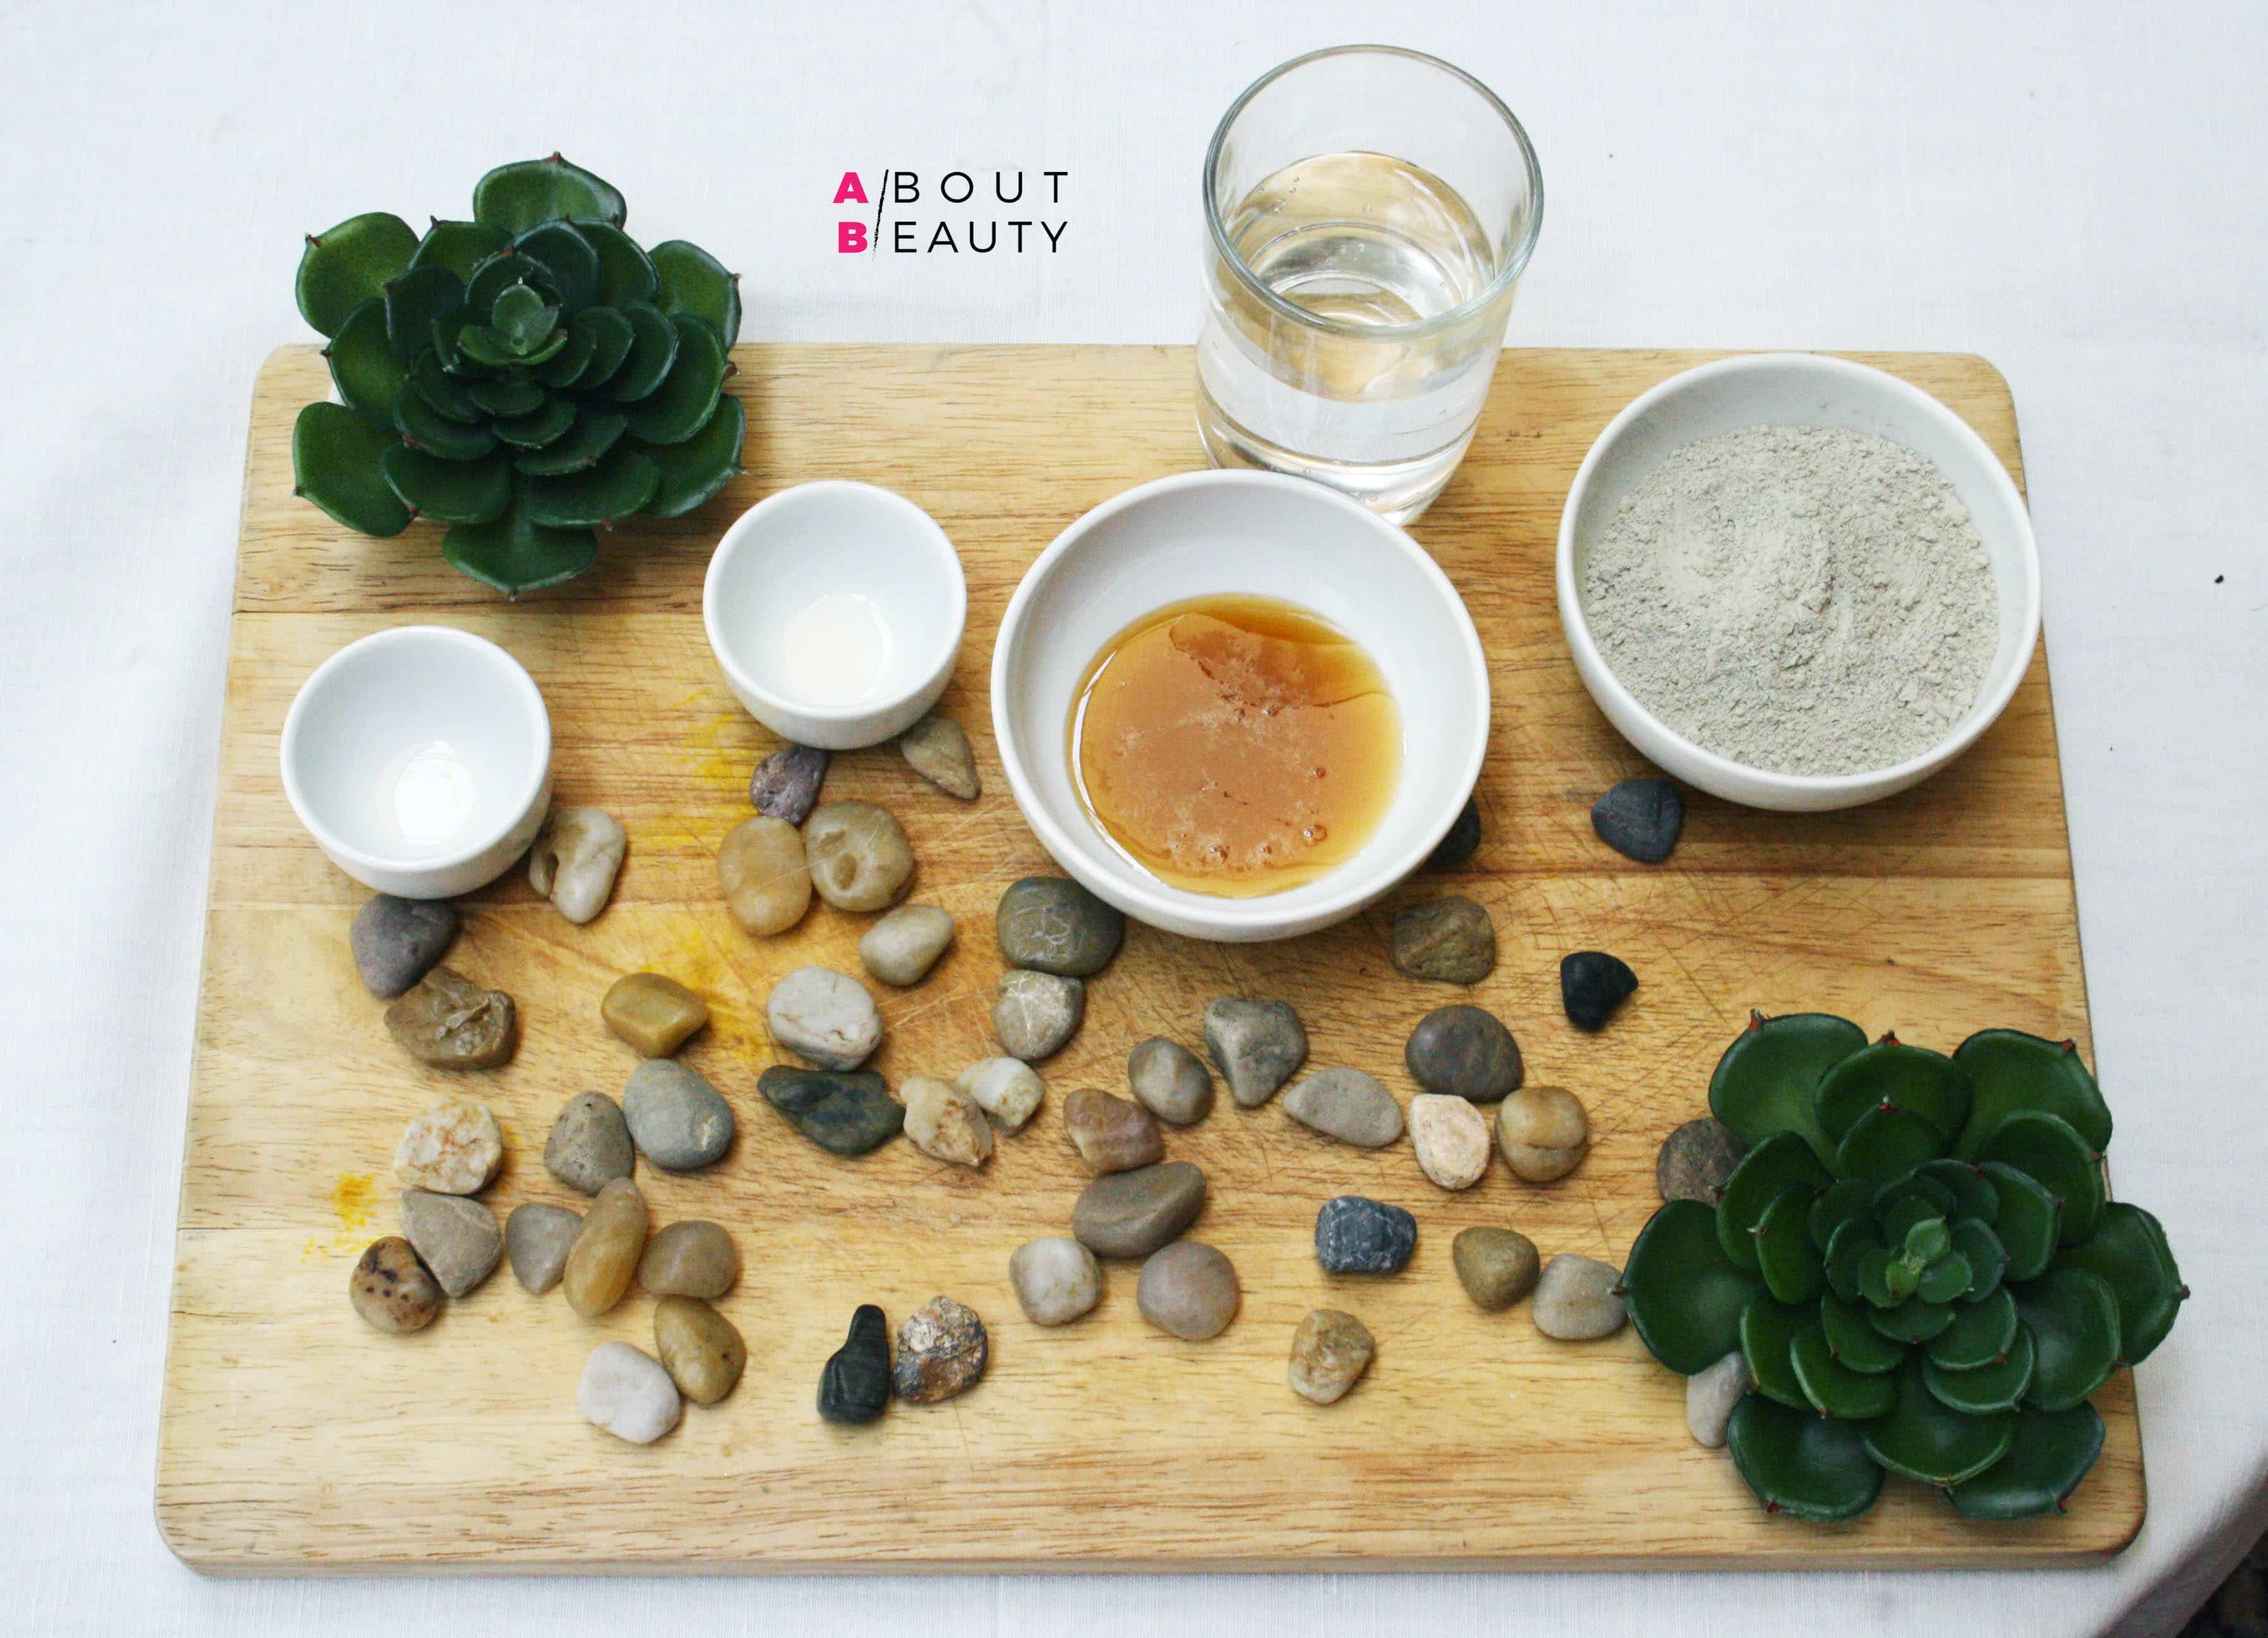 Maschera all'argilla verde purificante, la ricetta fai da te semplice, veloce ed economica per le pelli grasse e impure - Gli ingredienti